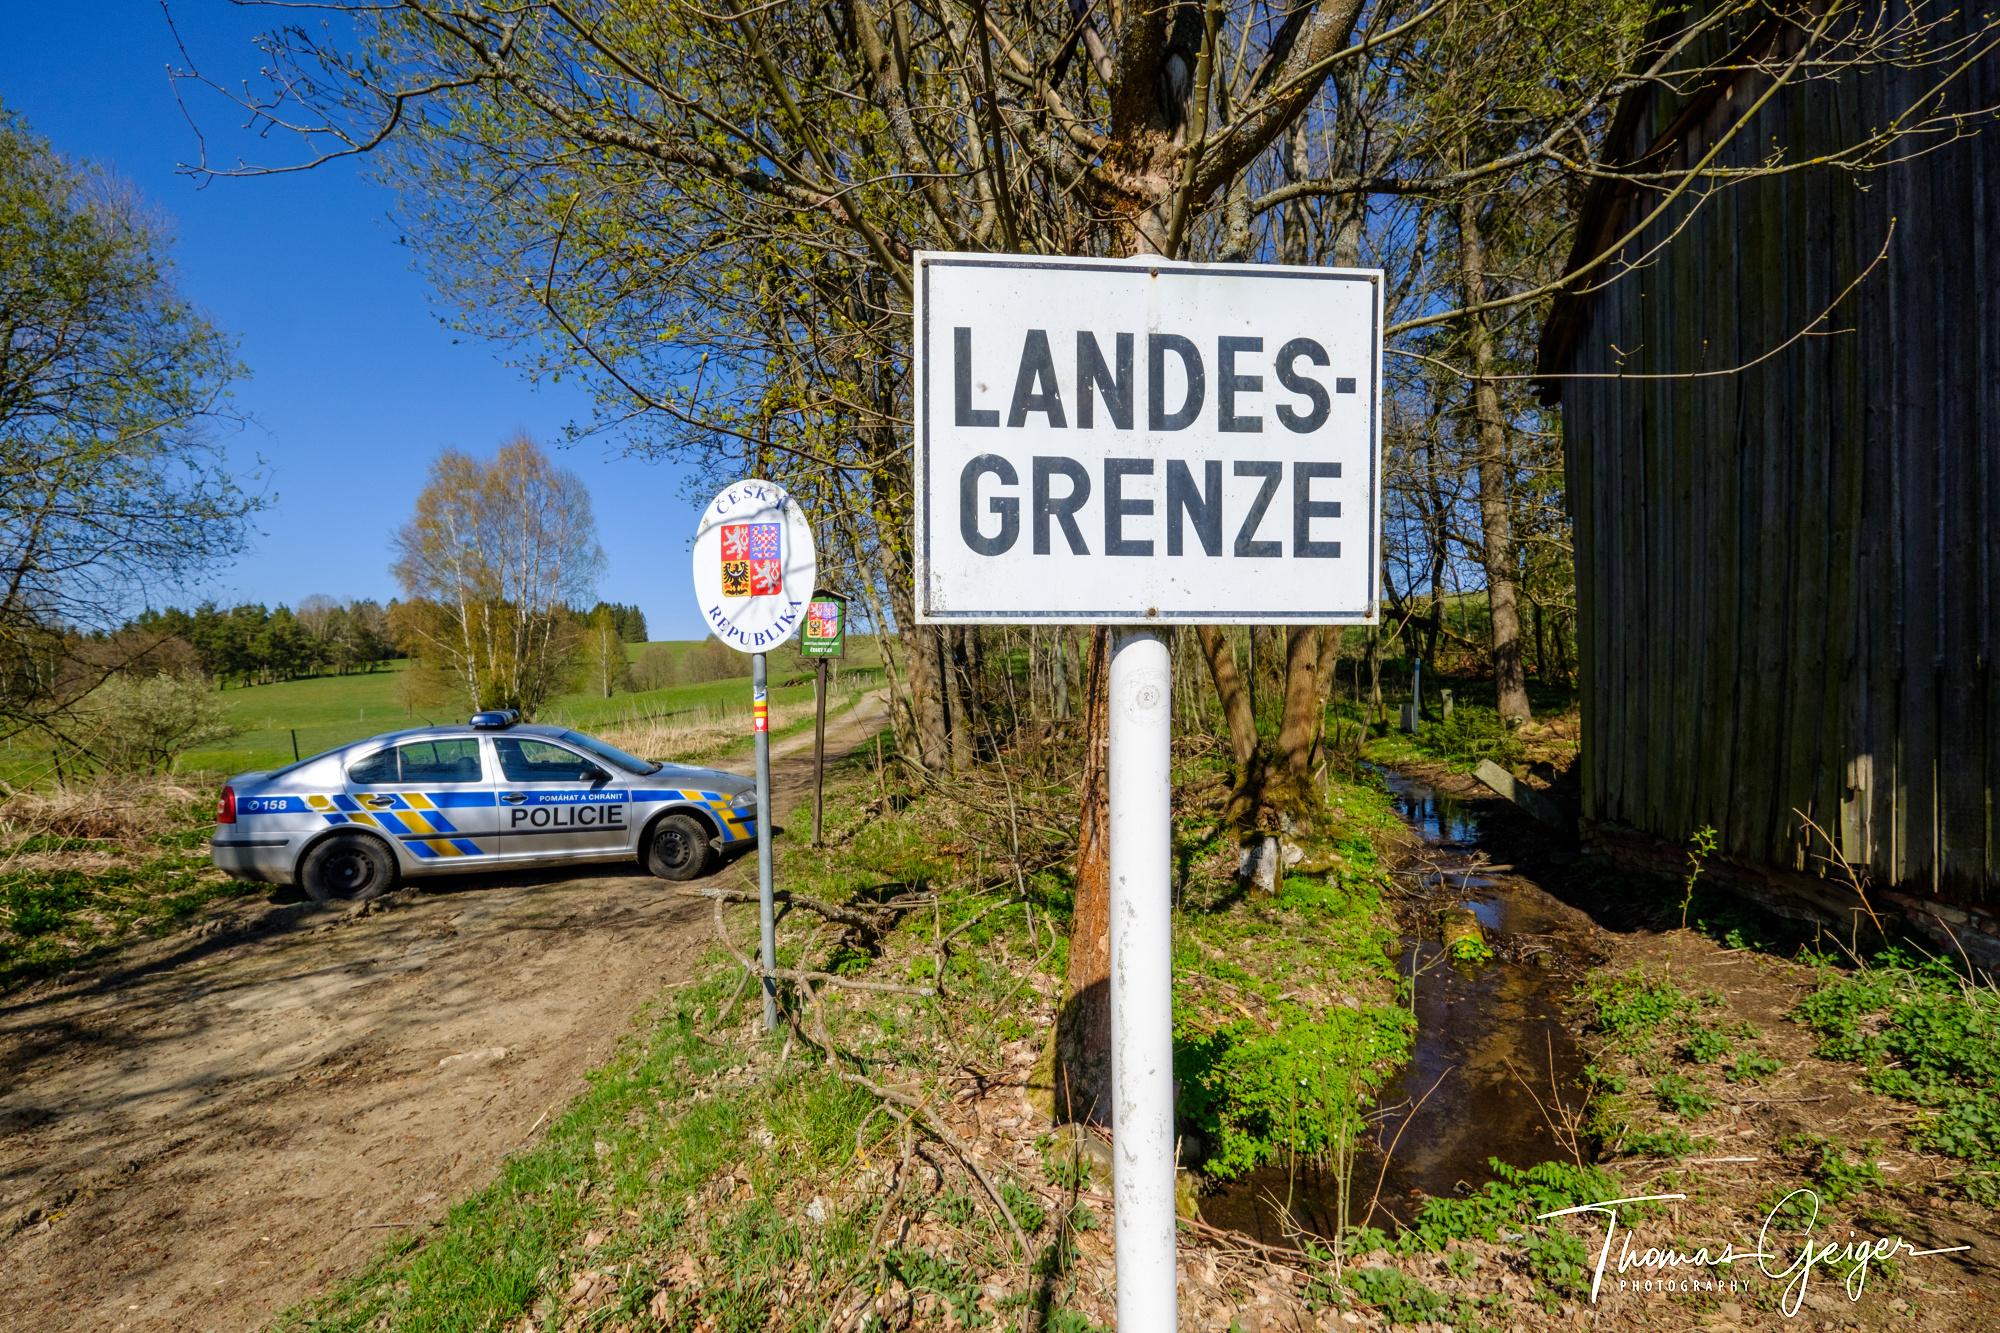 Landschaft mit Feldweg, dieser gesperrt mit einem quergestellten Polizeiauto, Grenzschild Ceska Republika und großes Schild Landesgrenze